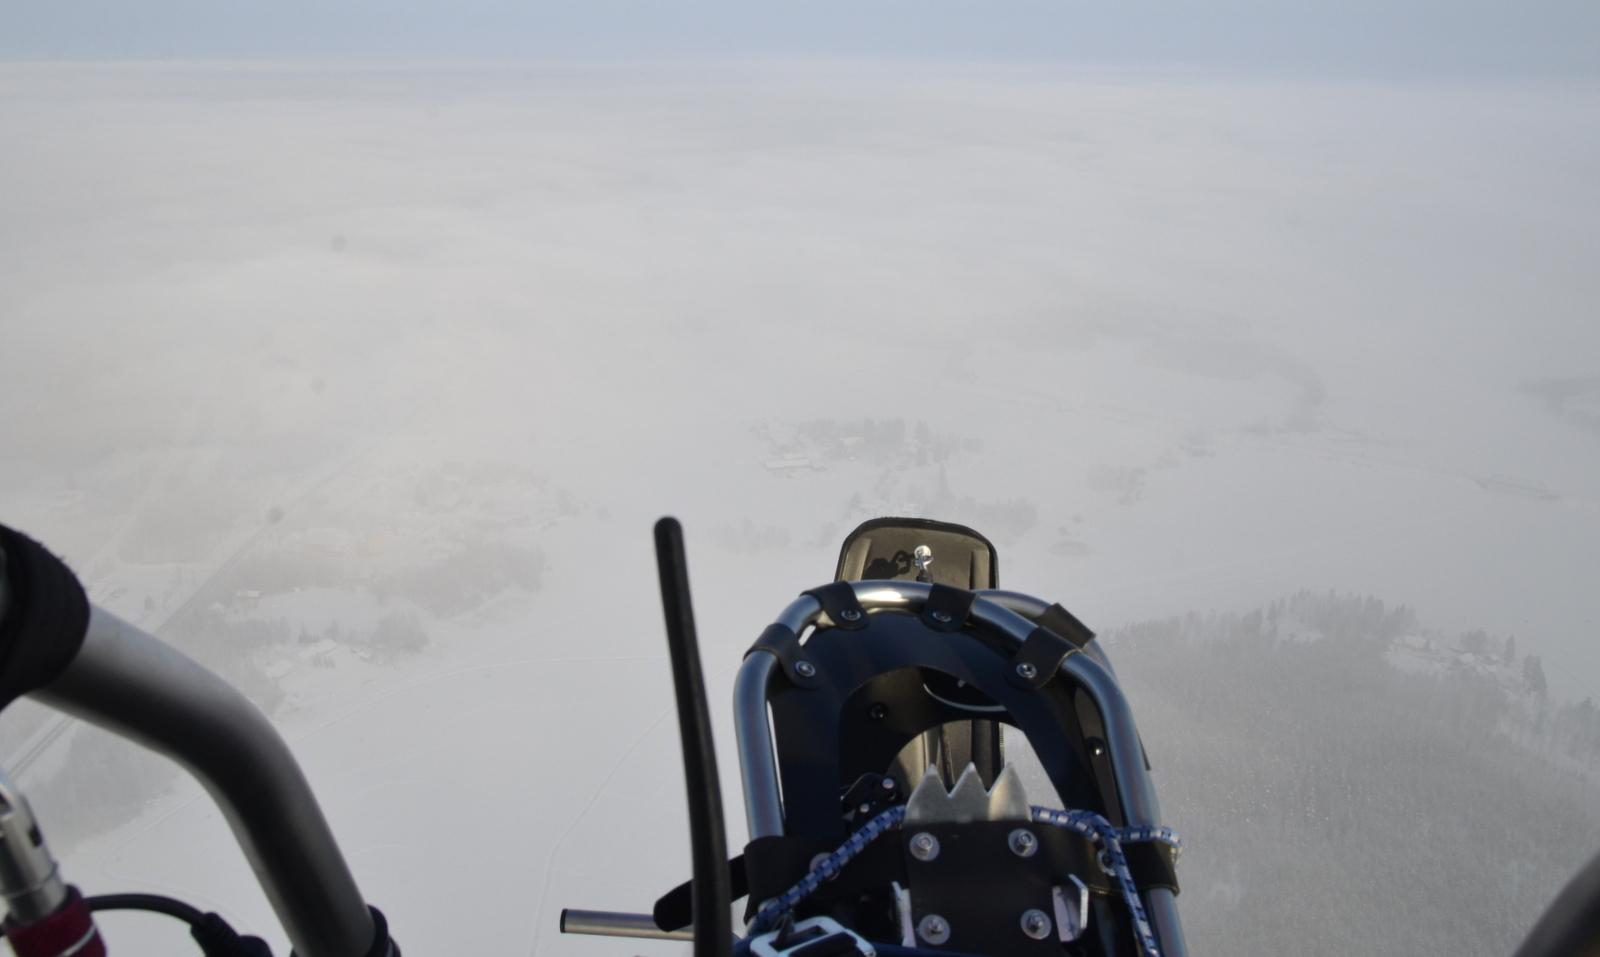 Pilviharsoa vaihtelevasti matkan varrella. Mukana oli lumikengät sitä varten, että jos kone sattuisi hyytymään, niin olisi helpompi tarpoa kovalle maalle.